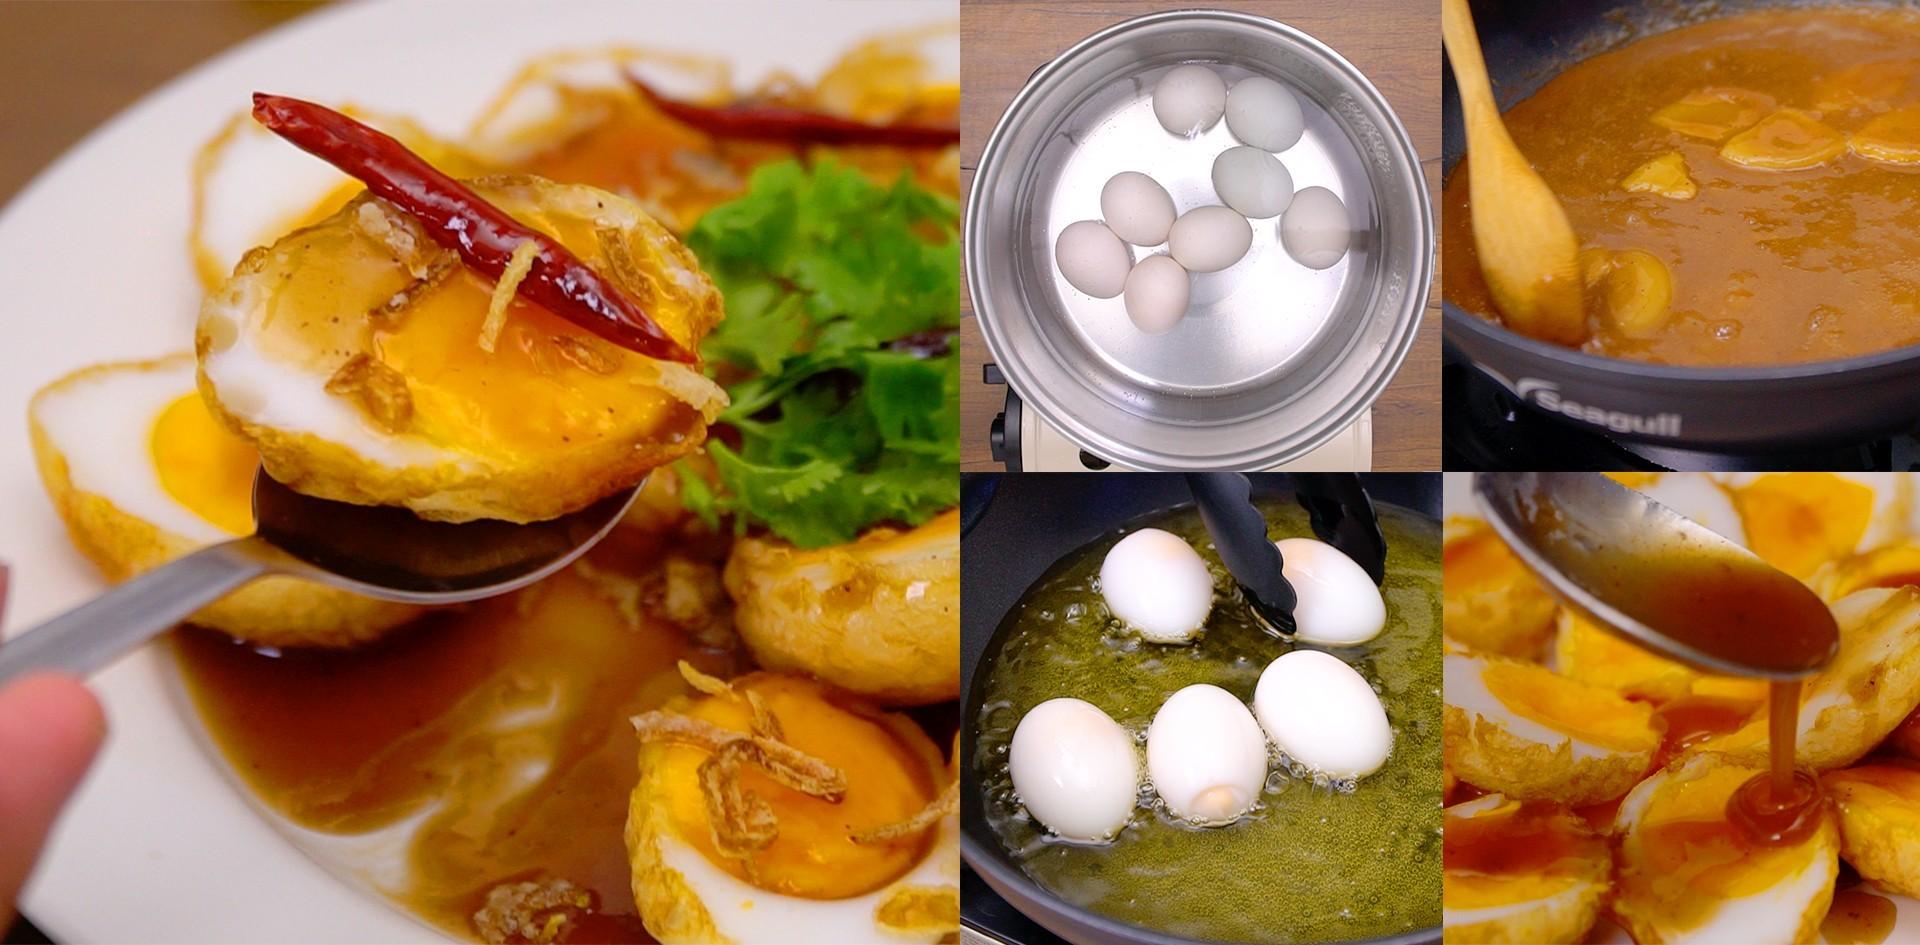 """วิธีทำ """"ไข่ลูกเขย"""" เมนูไข่ทำง่าย เปรี้ยวหวานโดนใจ กินได้ทั้งครอบครัว!"""